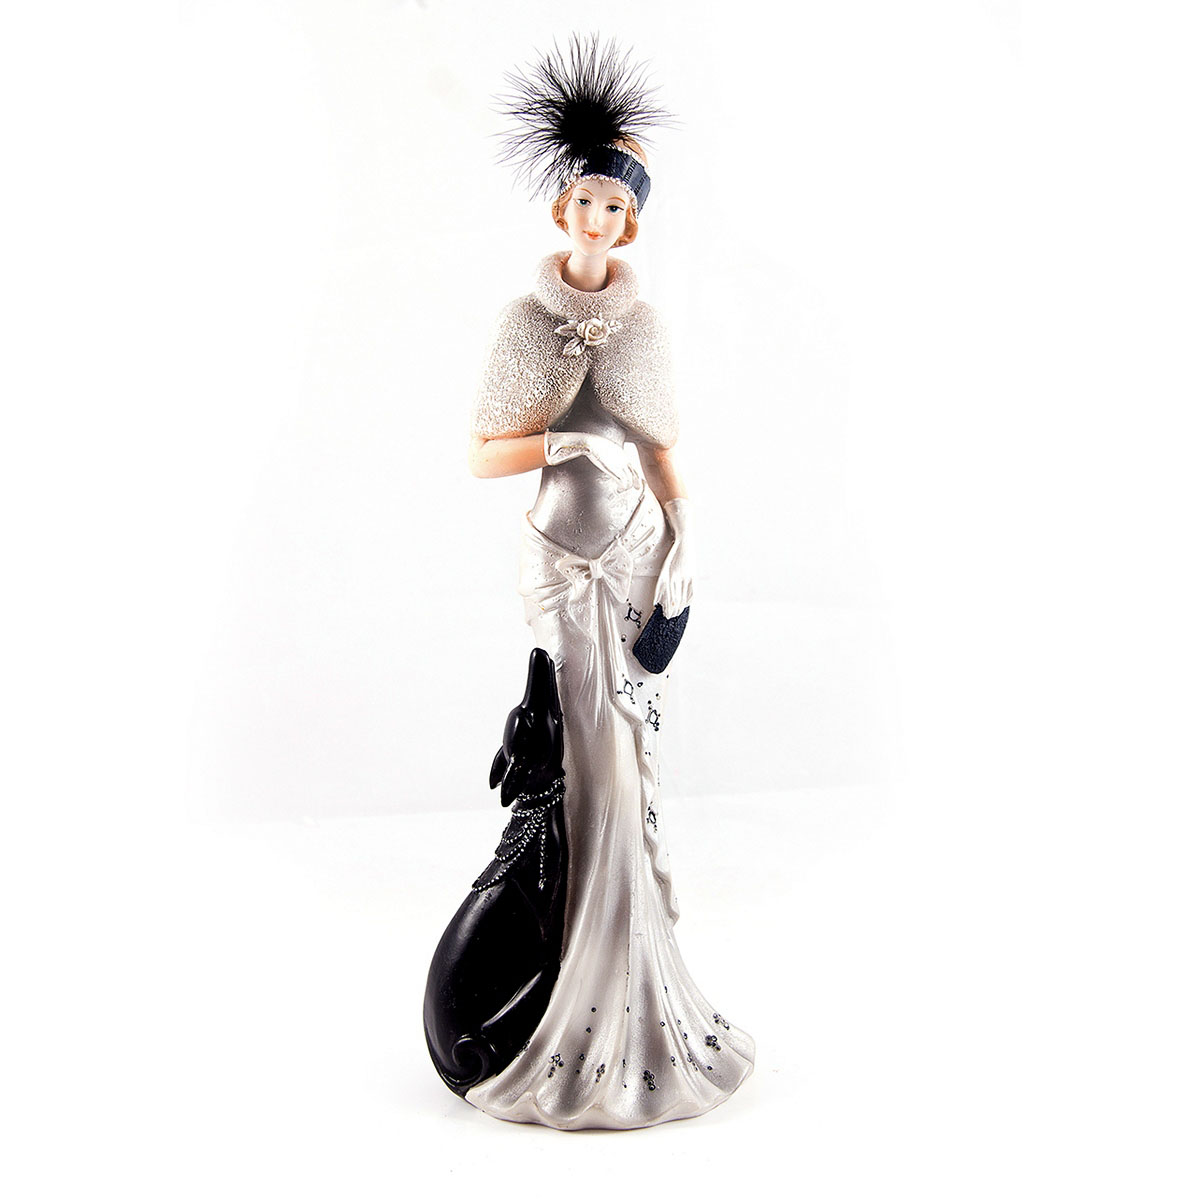 Статуэтка Русские Подарки Мисс Рандеву, 11 х 10 х 31 смPARIS 75015-8C ANTIQUEСтатуэтка Русские Подарки Мисс Рандеву, изготовленная изполистоуна, имеет изысканный внешний вид. Изделие станет прекрасным украшением интерьерагостиной, офиса или дома. Вы можете поставить статуэтку влюбое место, где она будет удачно смотреться и радоватьглаз. Правила ухода: регулярно вытирать пыль сухой, мягкой тканью.